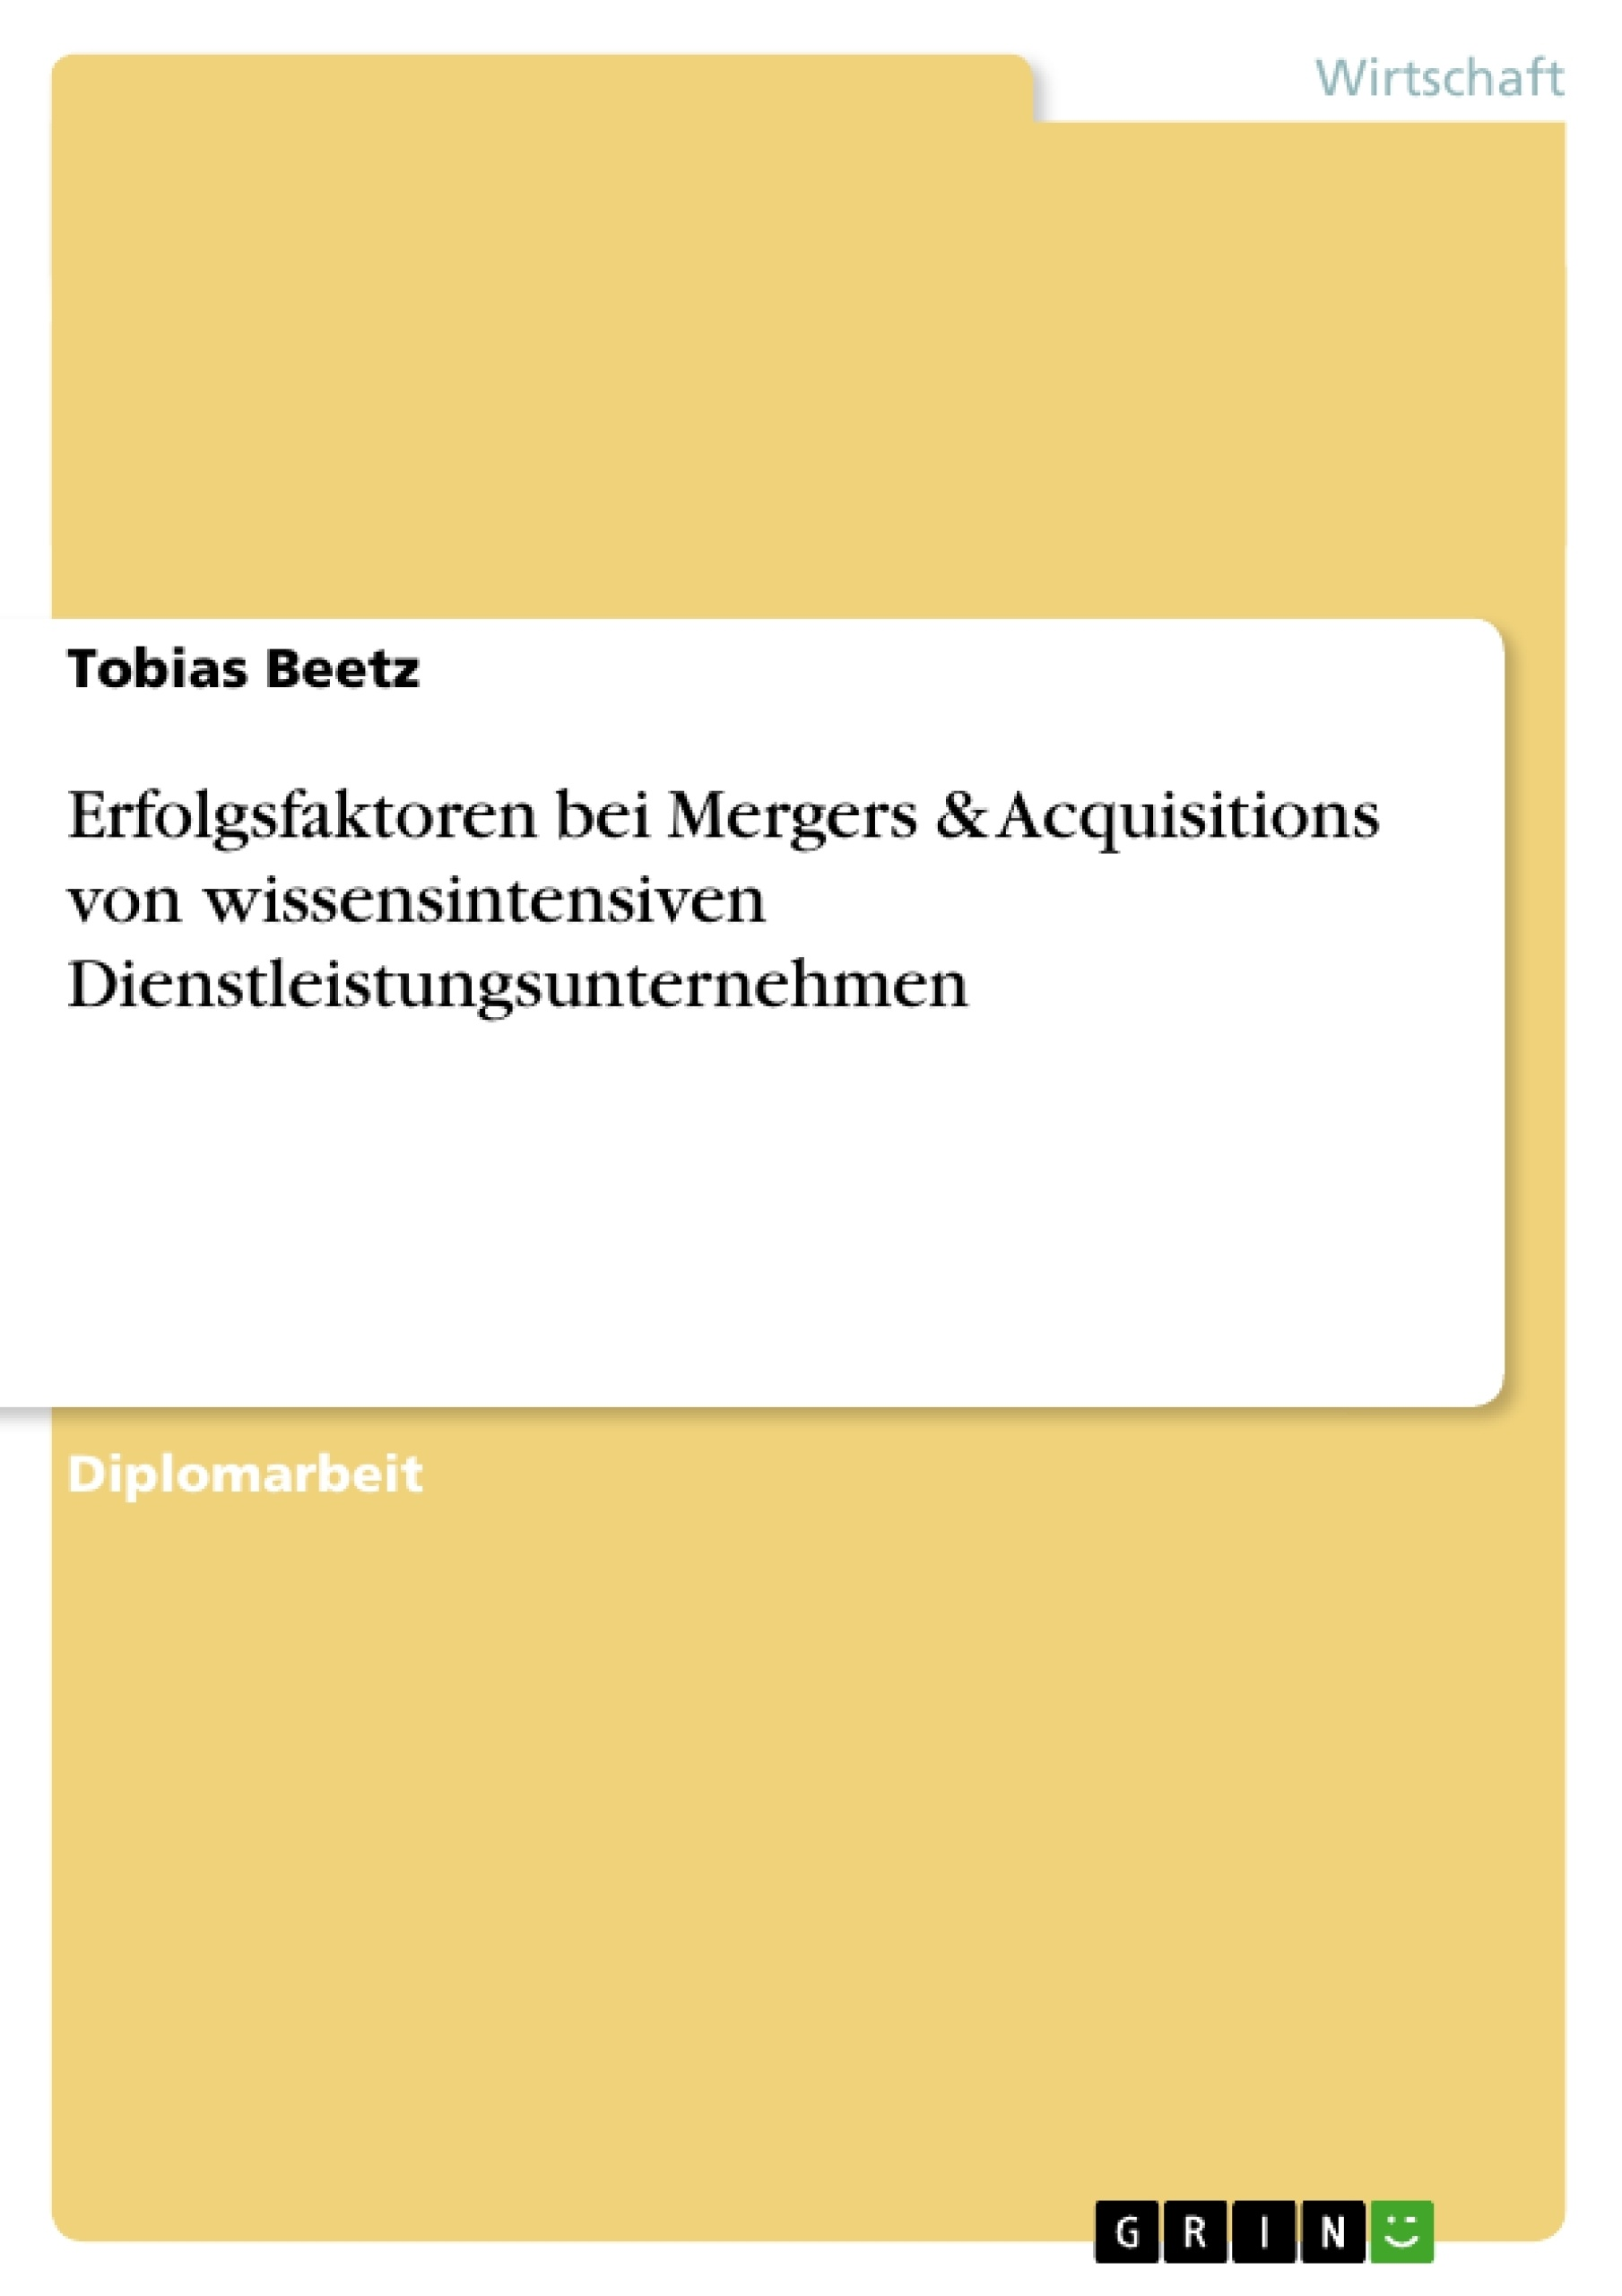 Titel: Erfolgsfaktoren bei Mergers & Acquisitions von wissensintensiven Dienstleistungsunternehmen